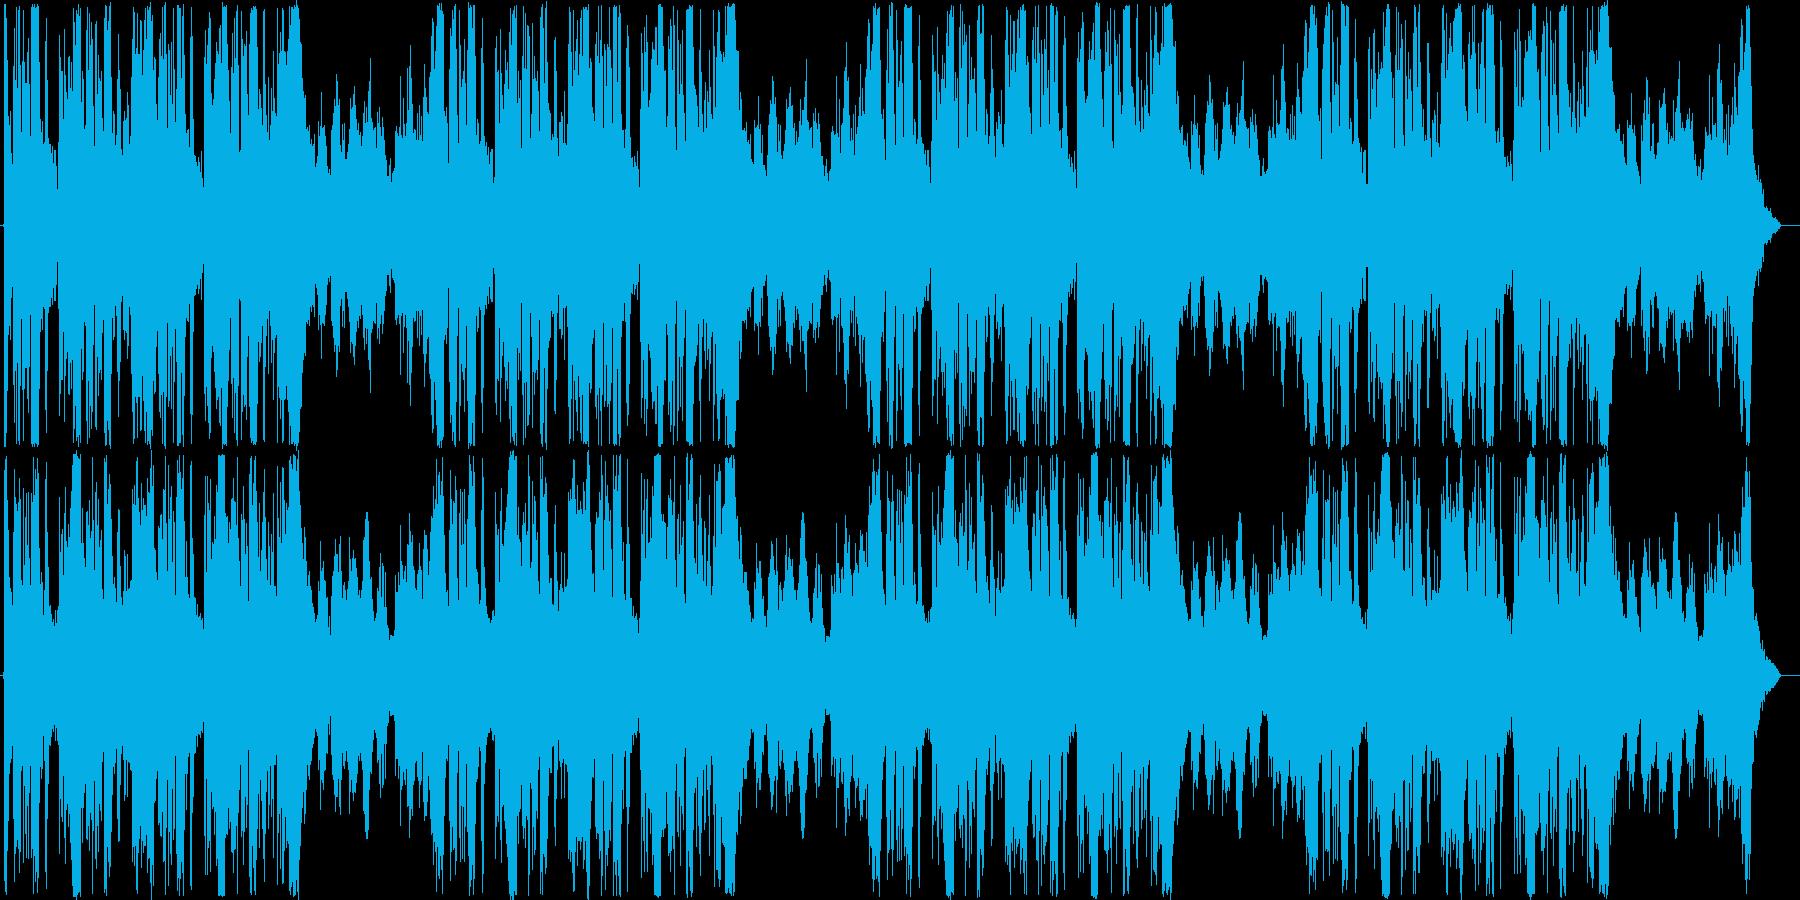 緊迫した雰囲気のオーケストラ曲の再生済みの波形